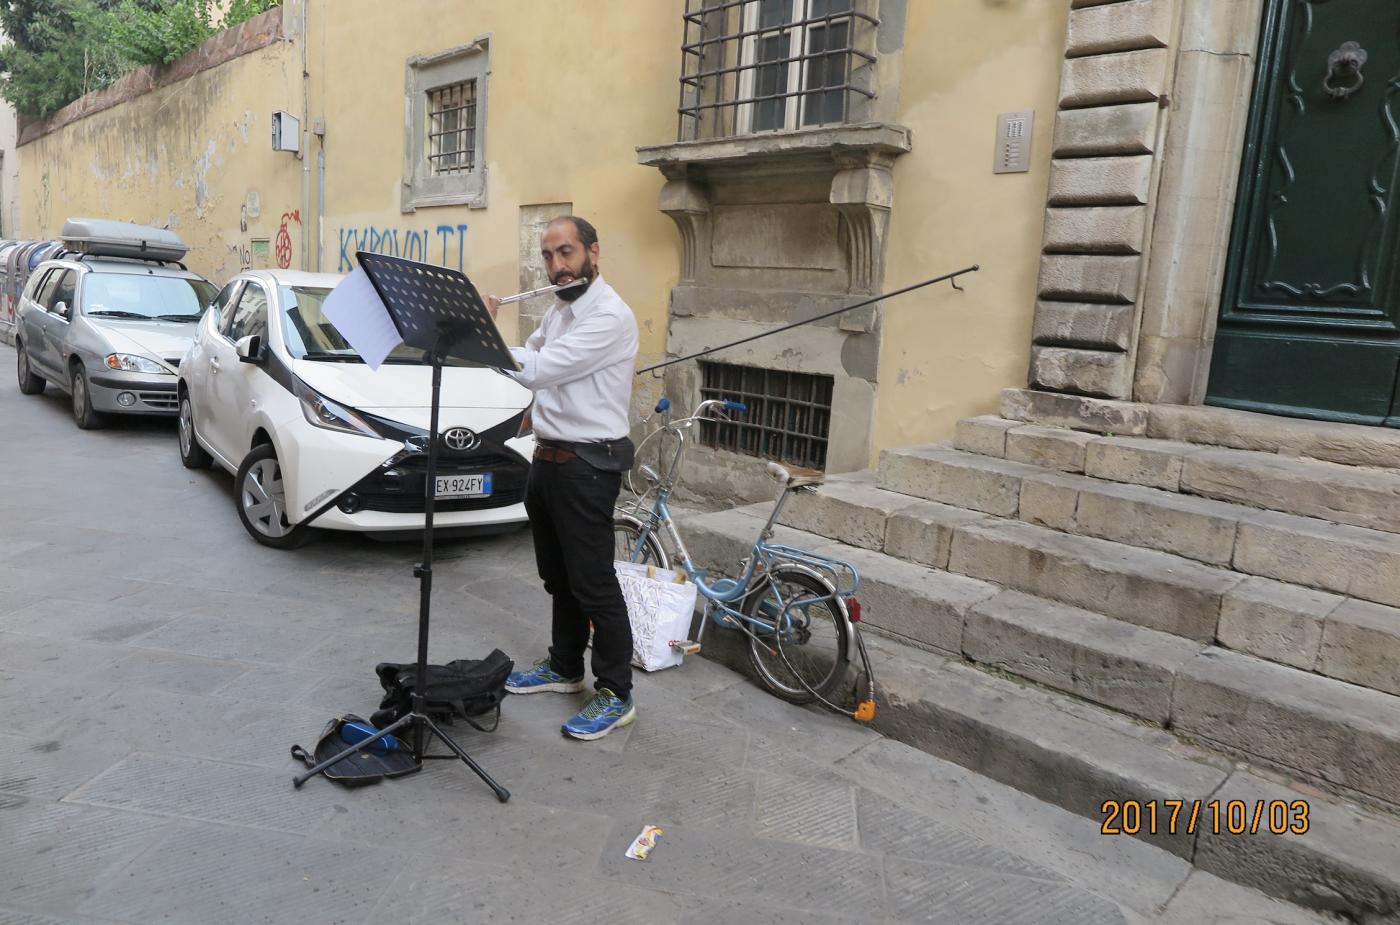 乐趣无穷:抓怕意大利街头的形形色色_图1-9